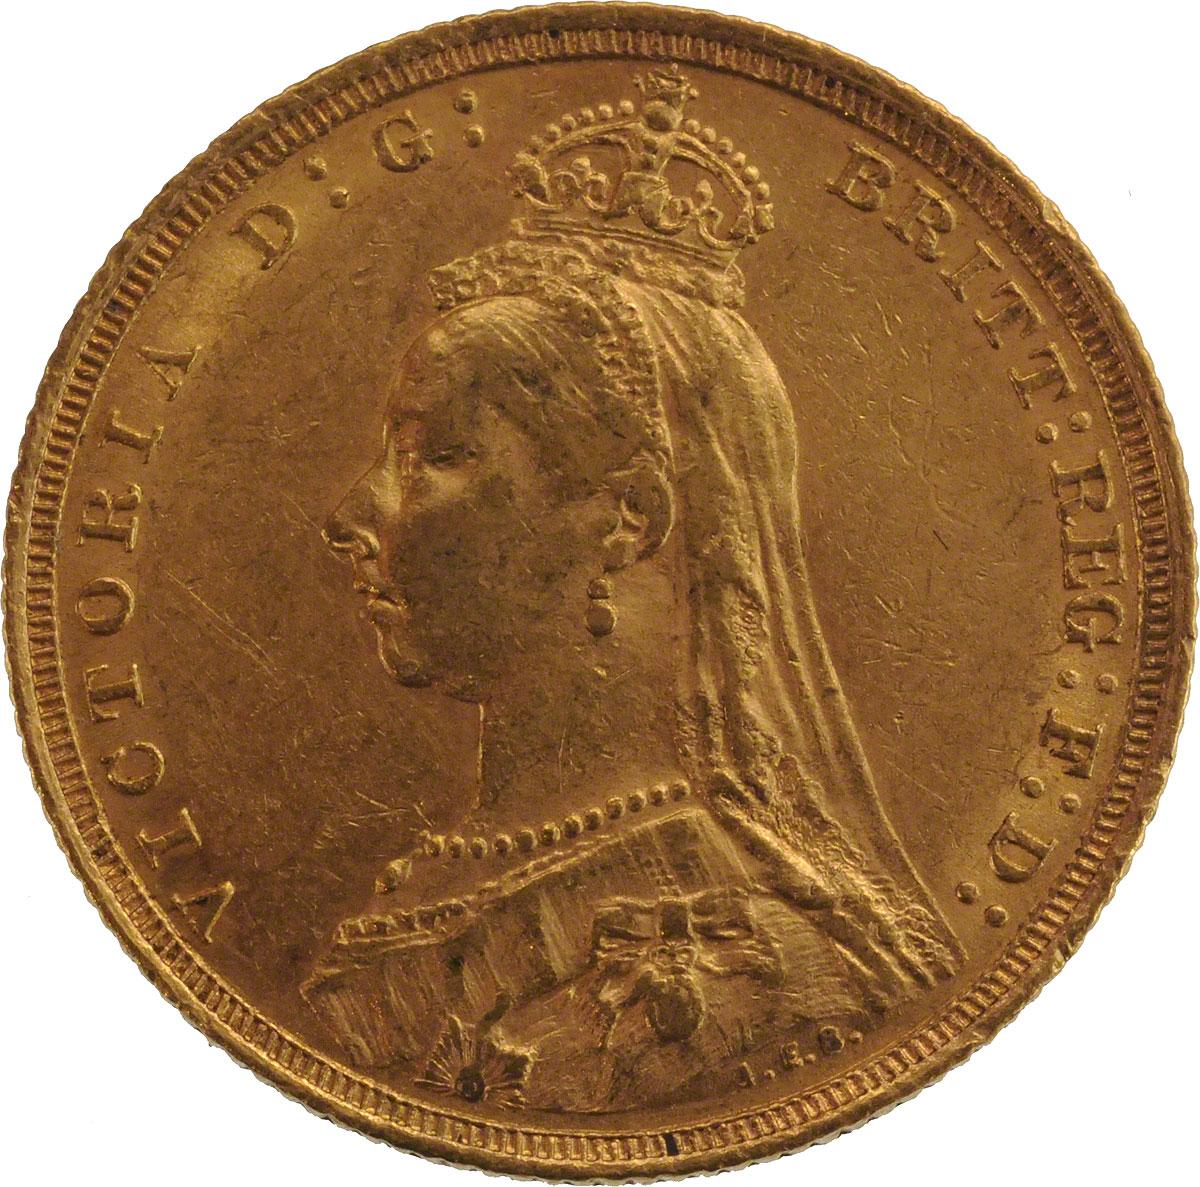 1889 Βικτώρια (Νομισματοκοπείο Σίδνεϊ)